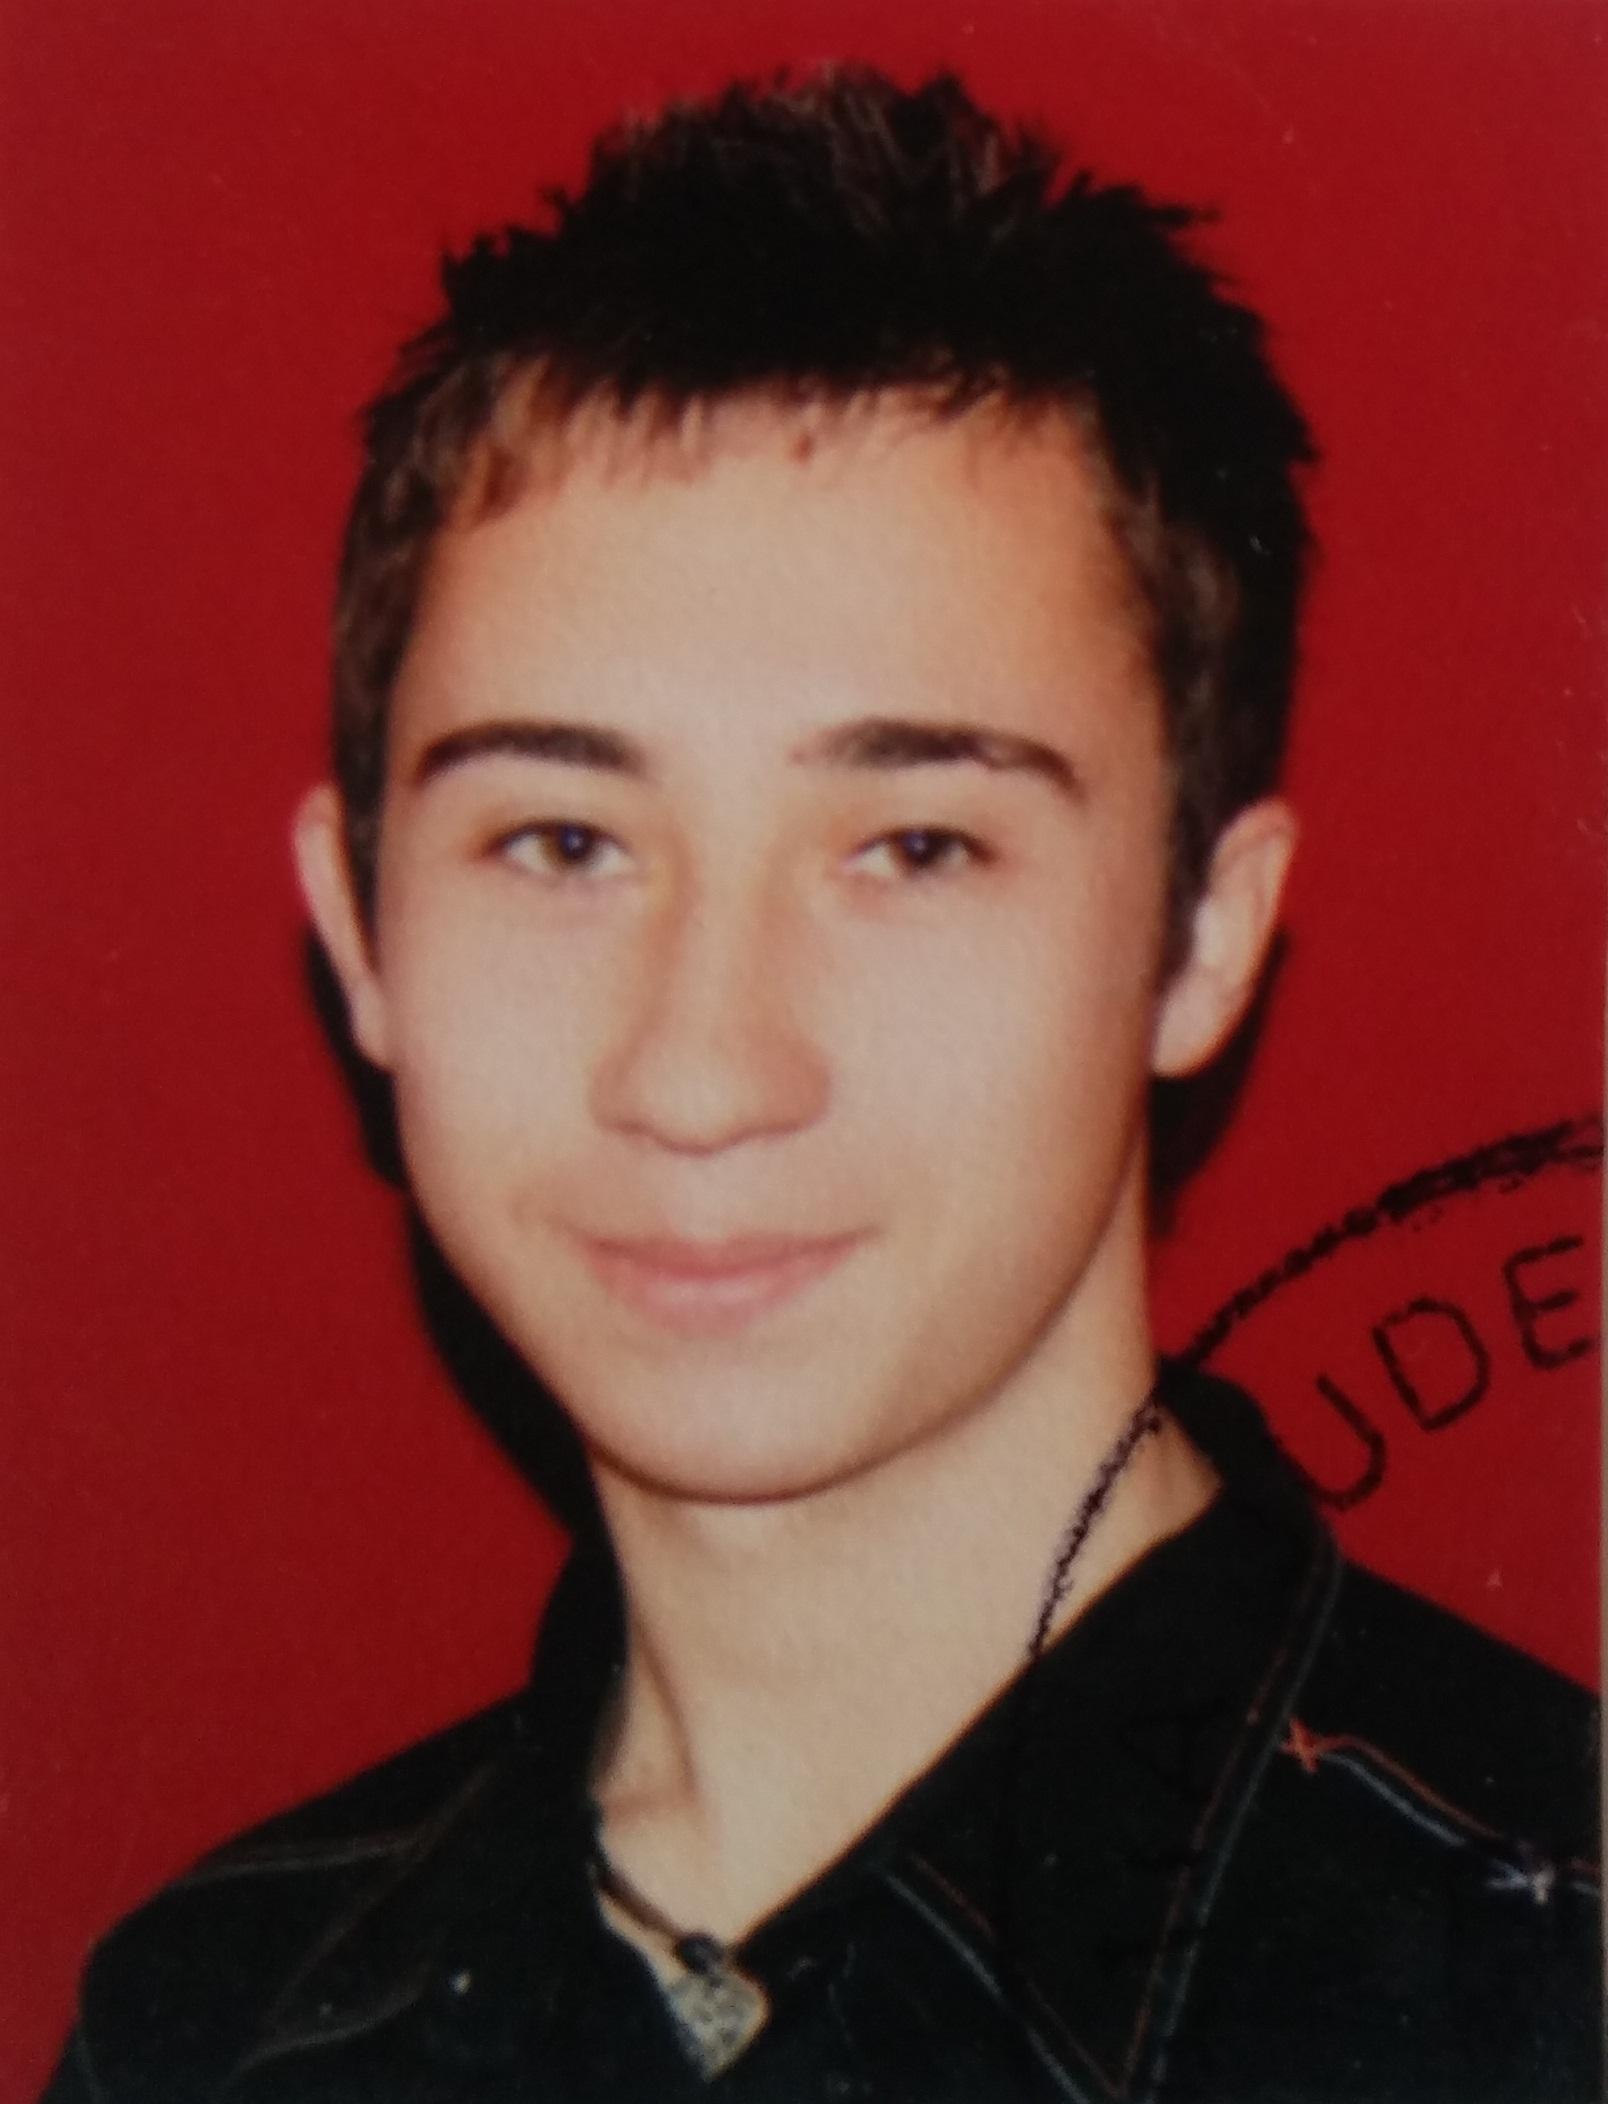 Alexandru Marius - Constantin